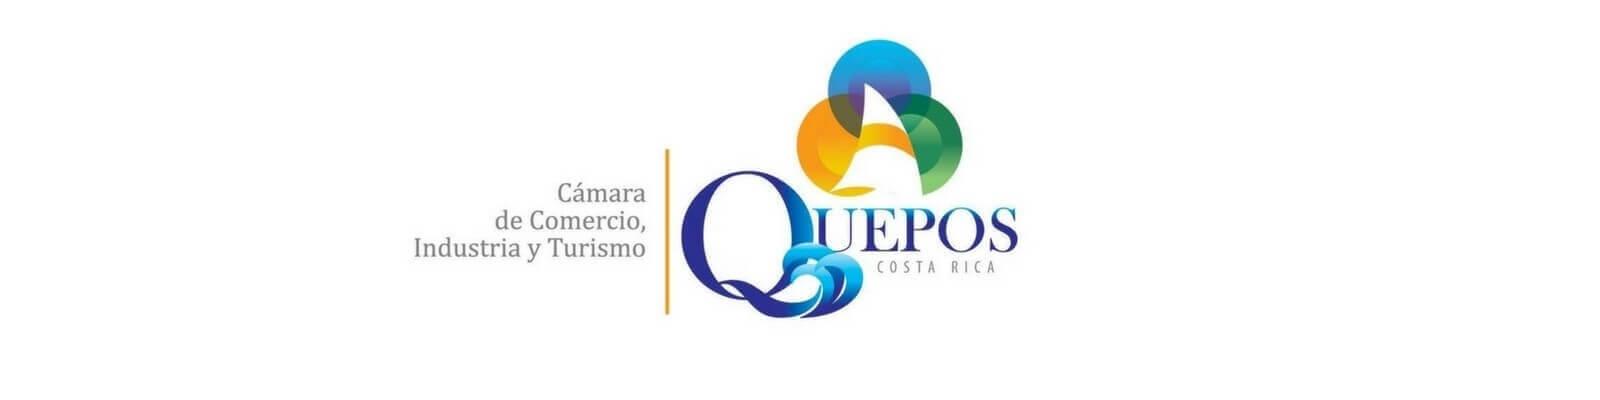 Welcome to Canton de Quepos